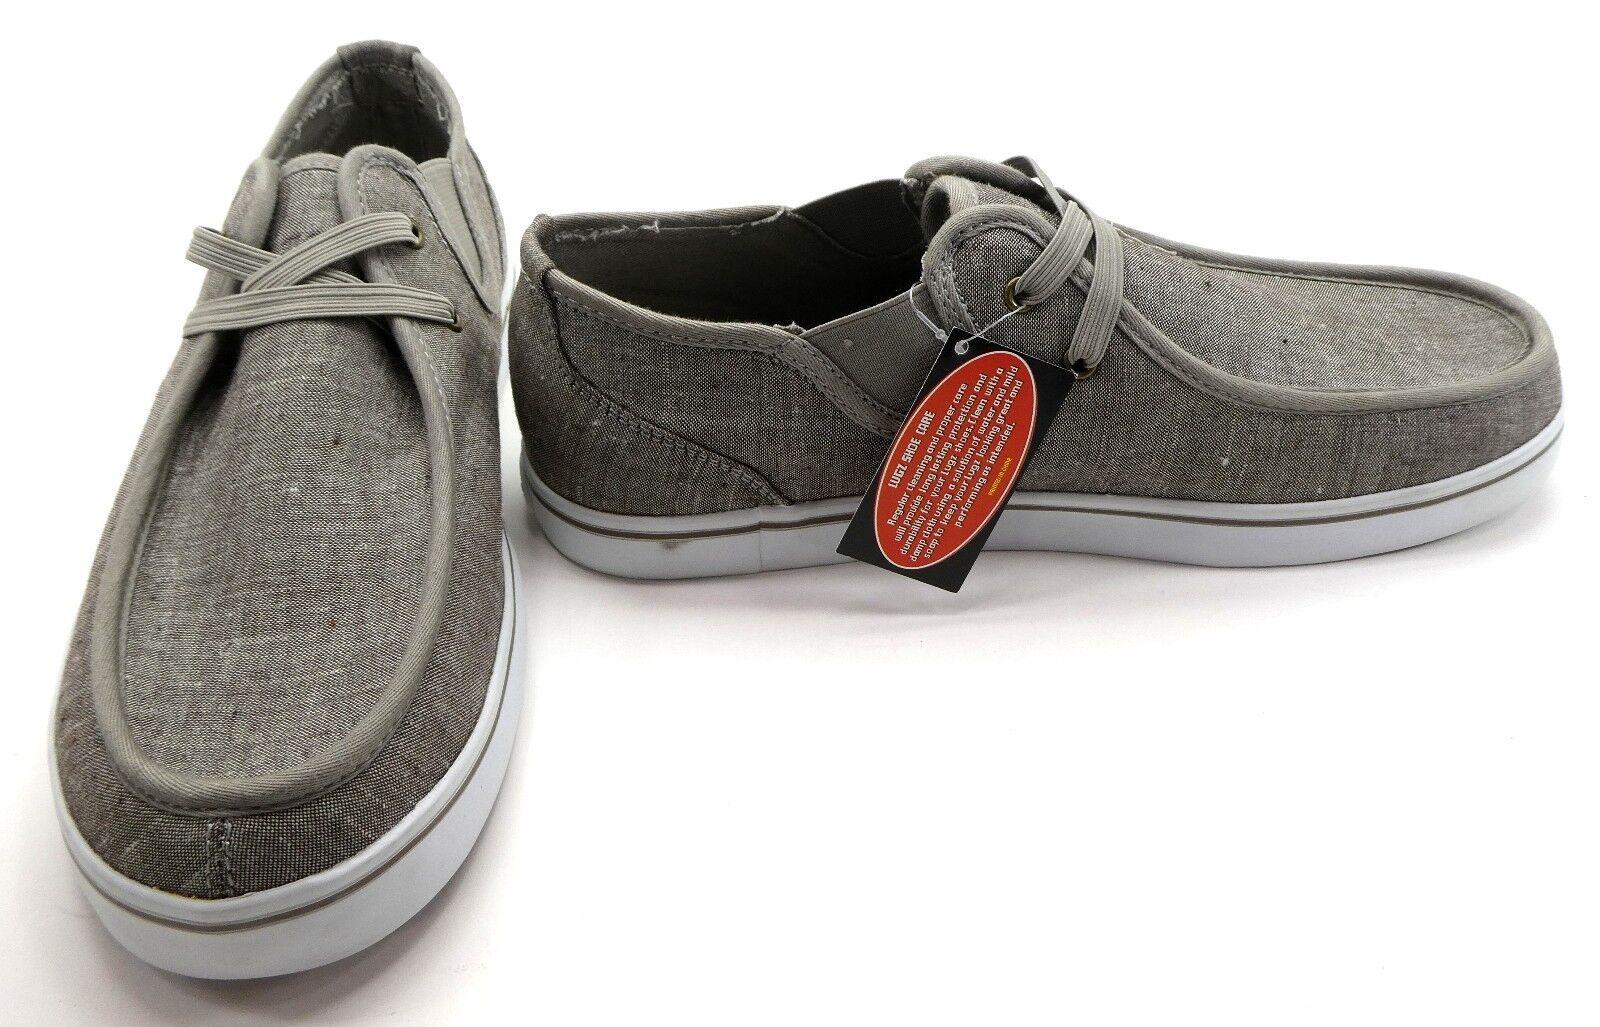 Lugz Zapatos Sparks lo resbalón en el zapato Denim Piedra gris Zapatillas Tamaño 9